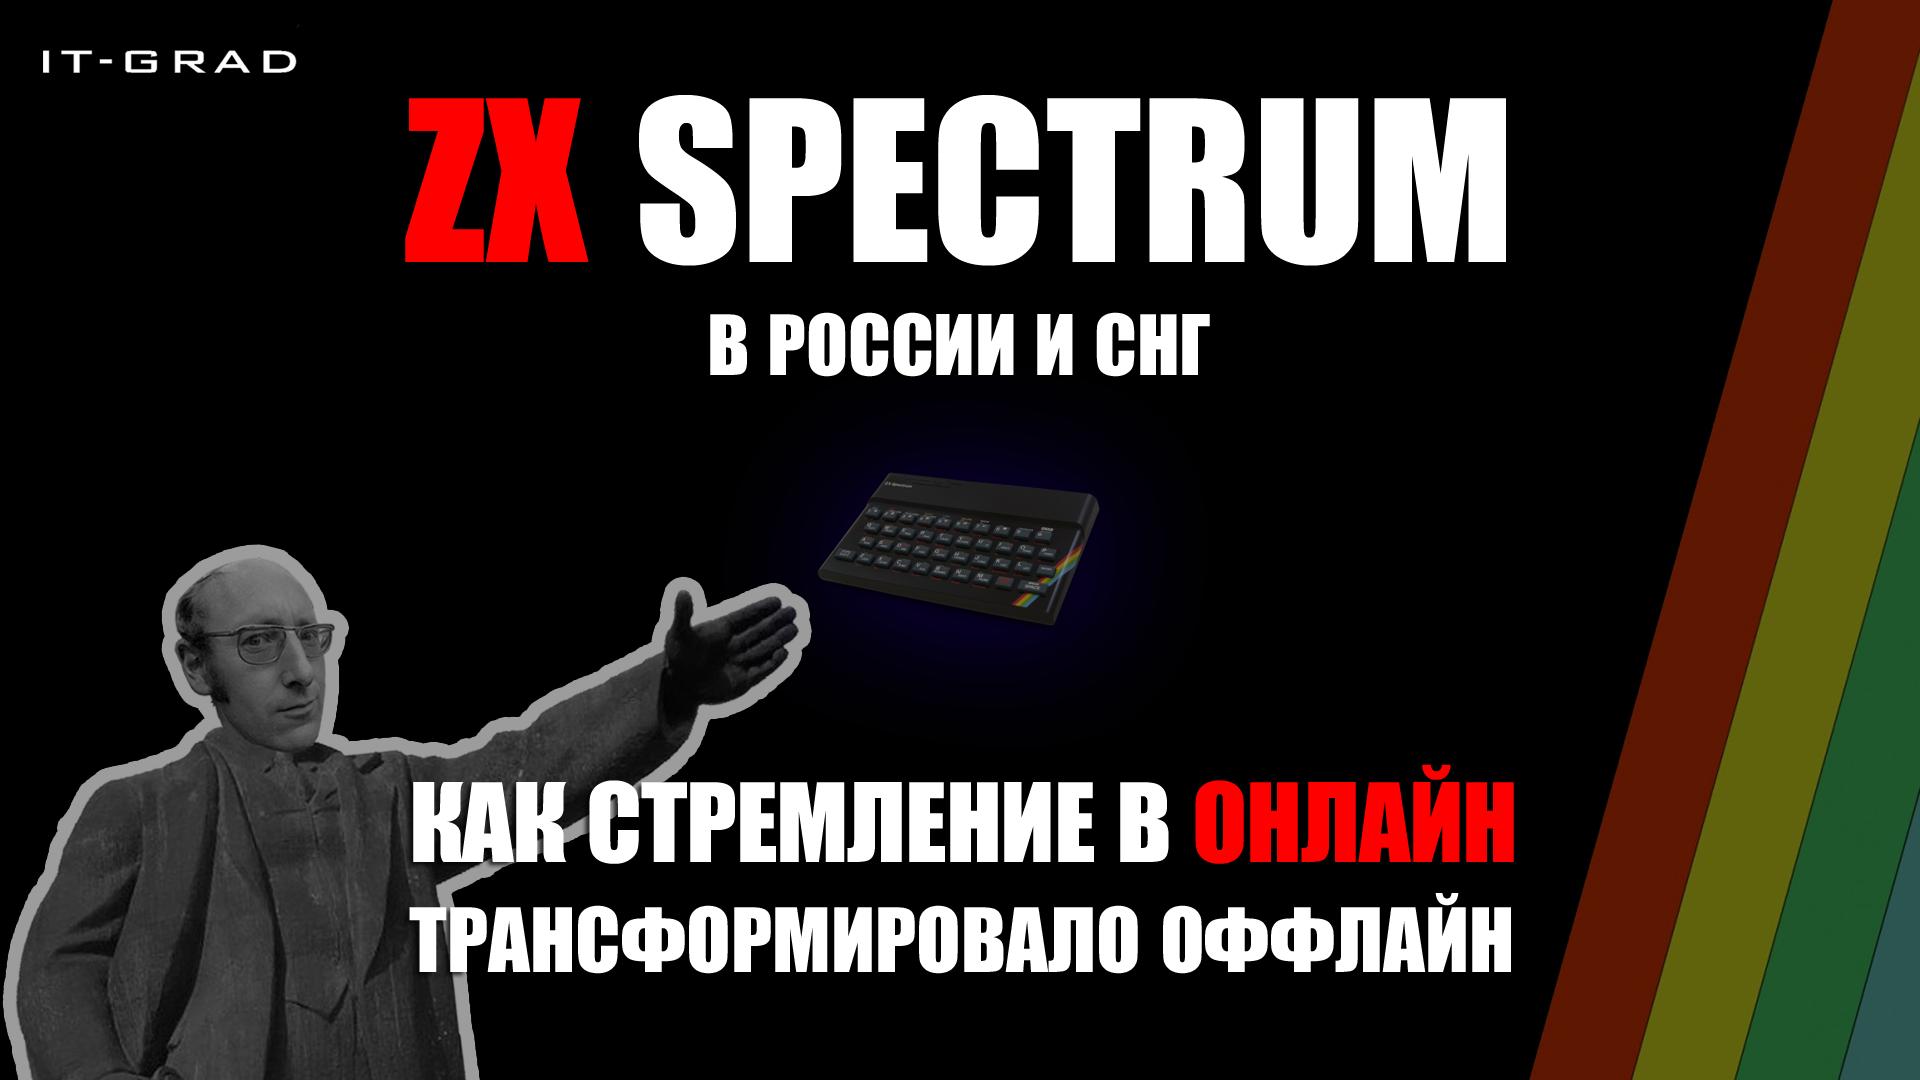 ZX Spectrum в России и СНГ: как стремление в онлайн трансформировало оффлайн - 1